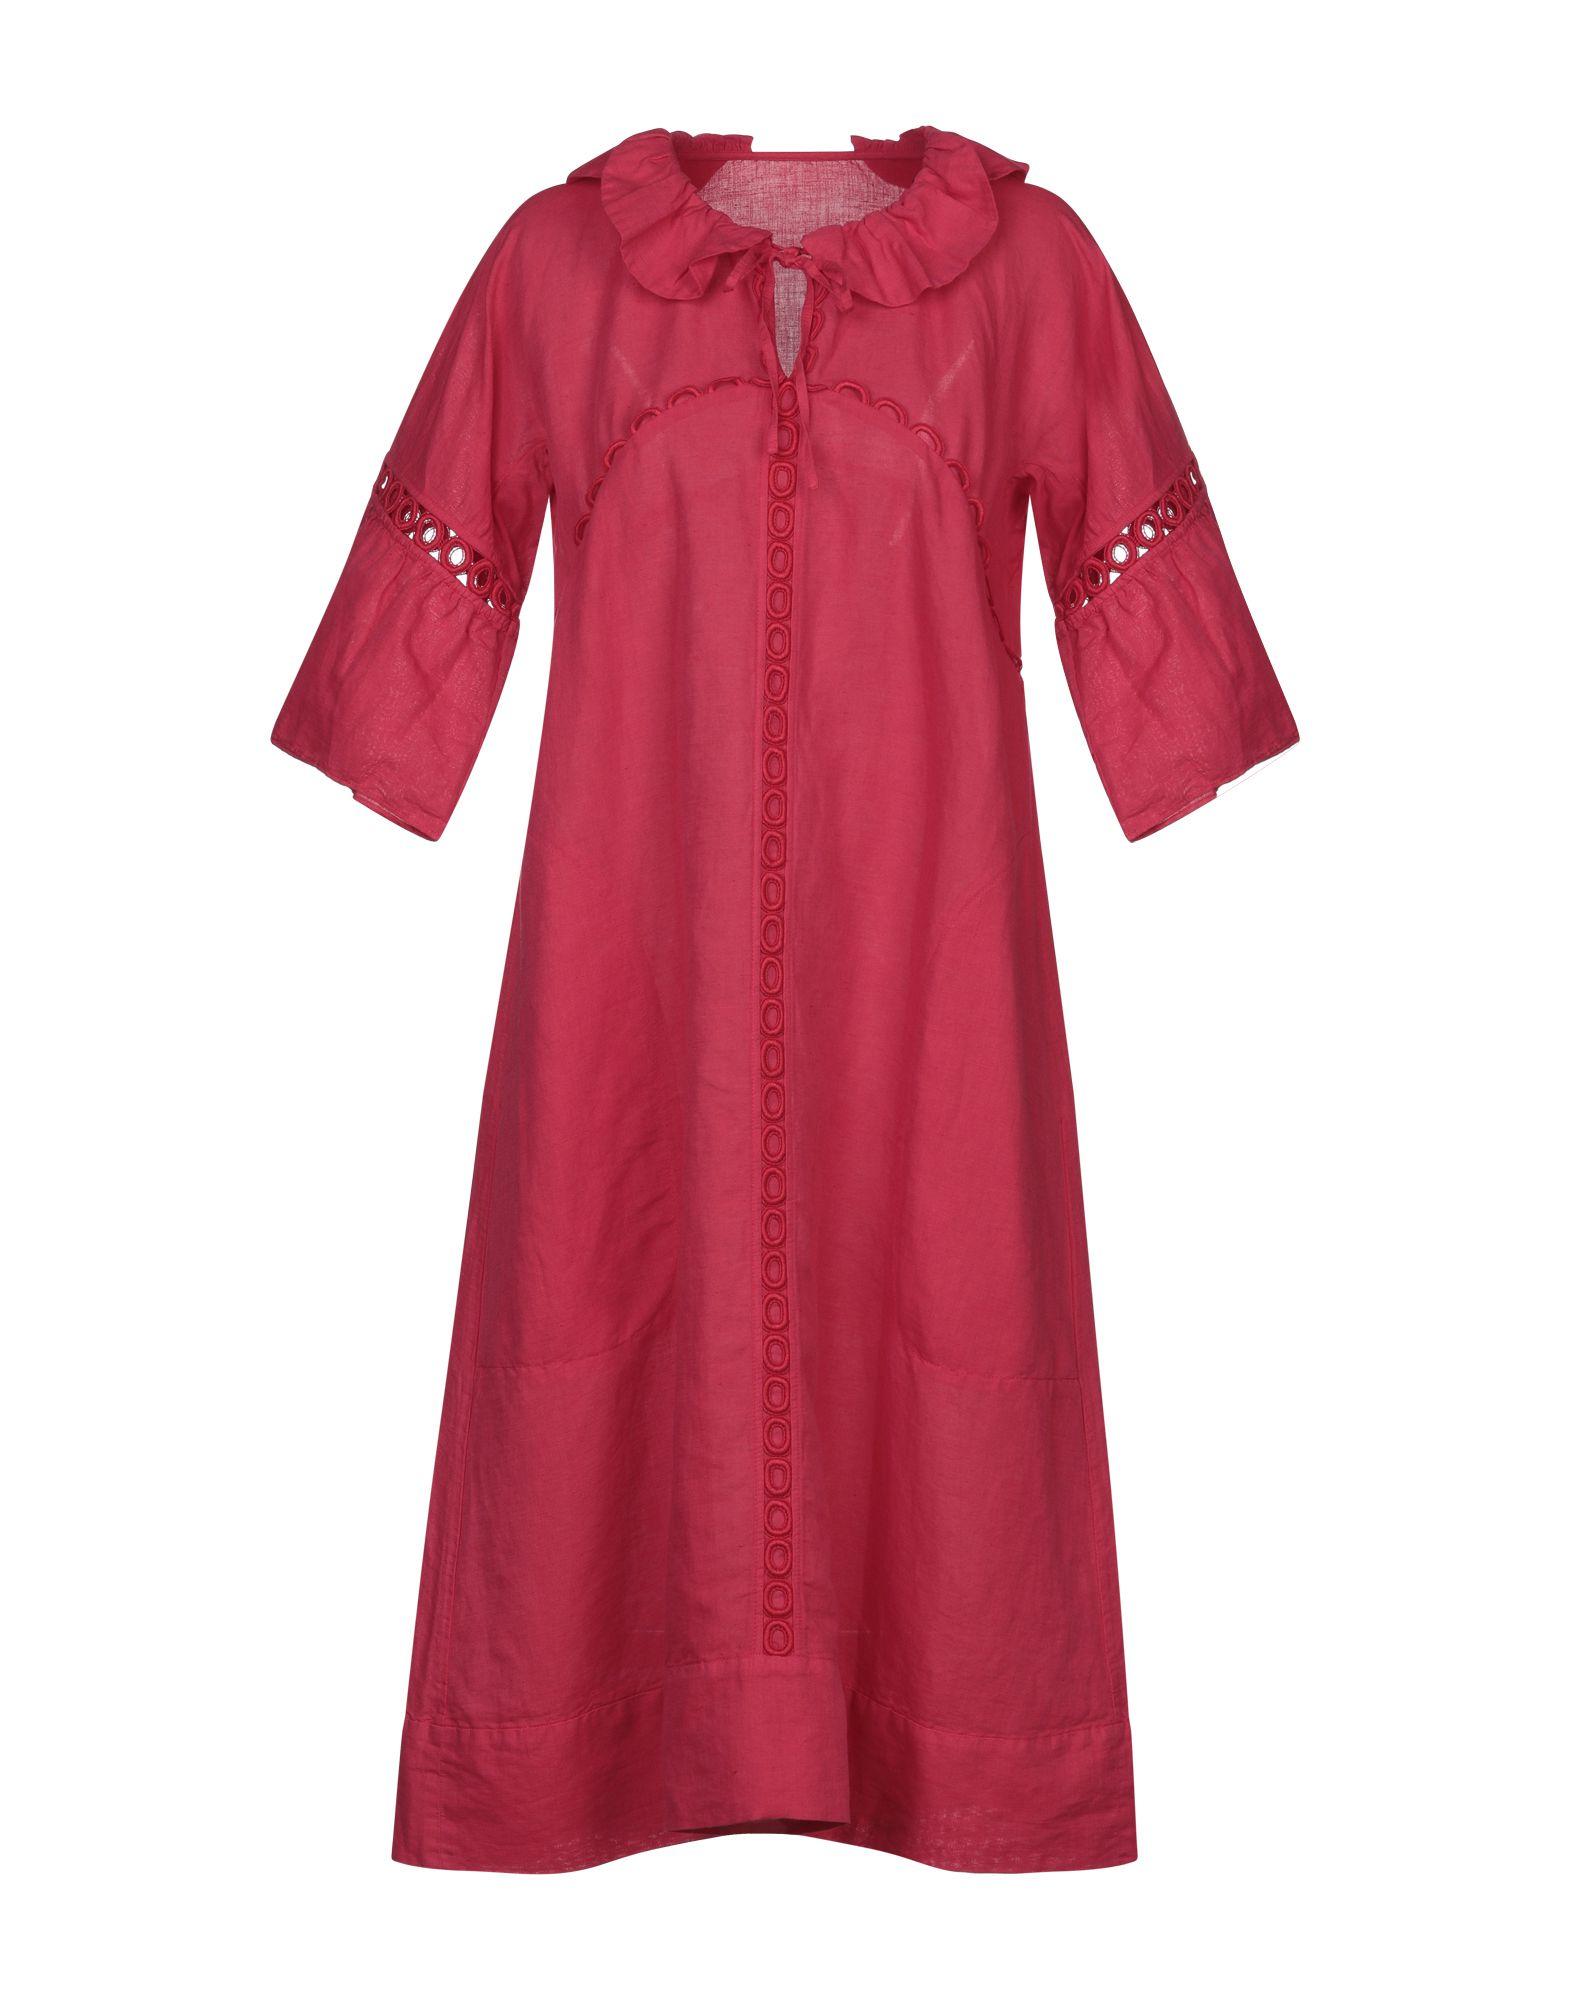 купить TSUMORI CHISATO Платье до колена по цене 22700 рублей